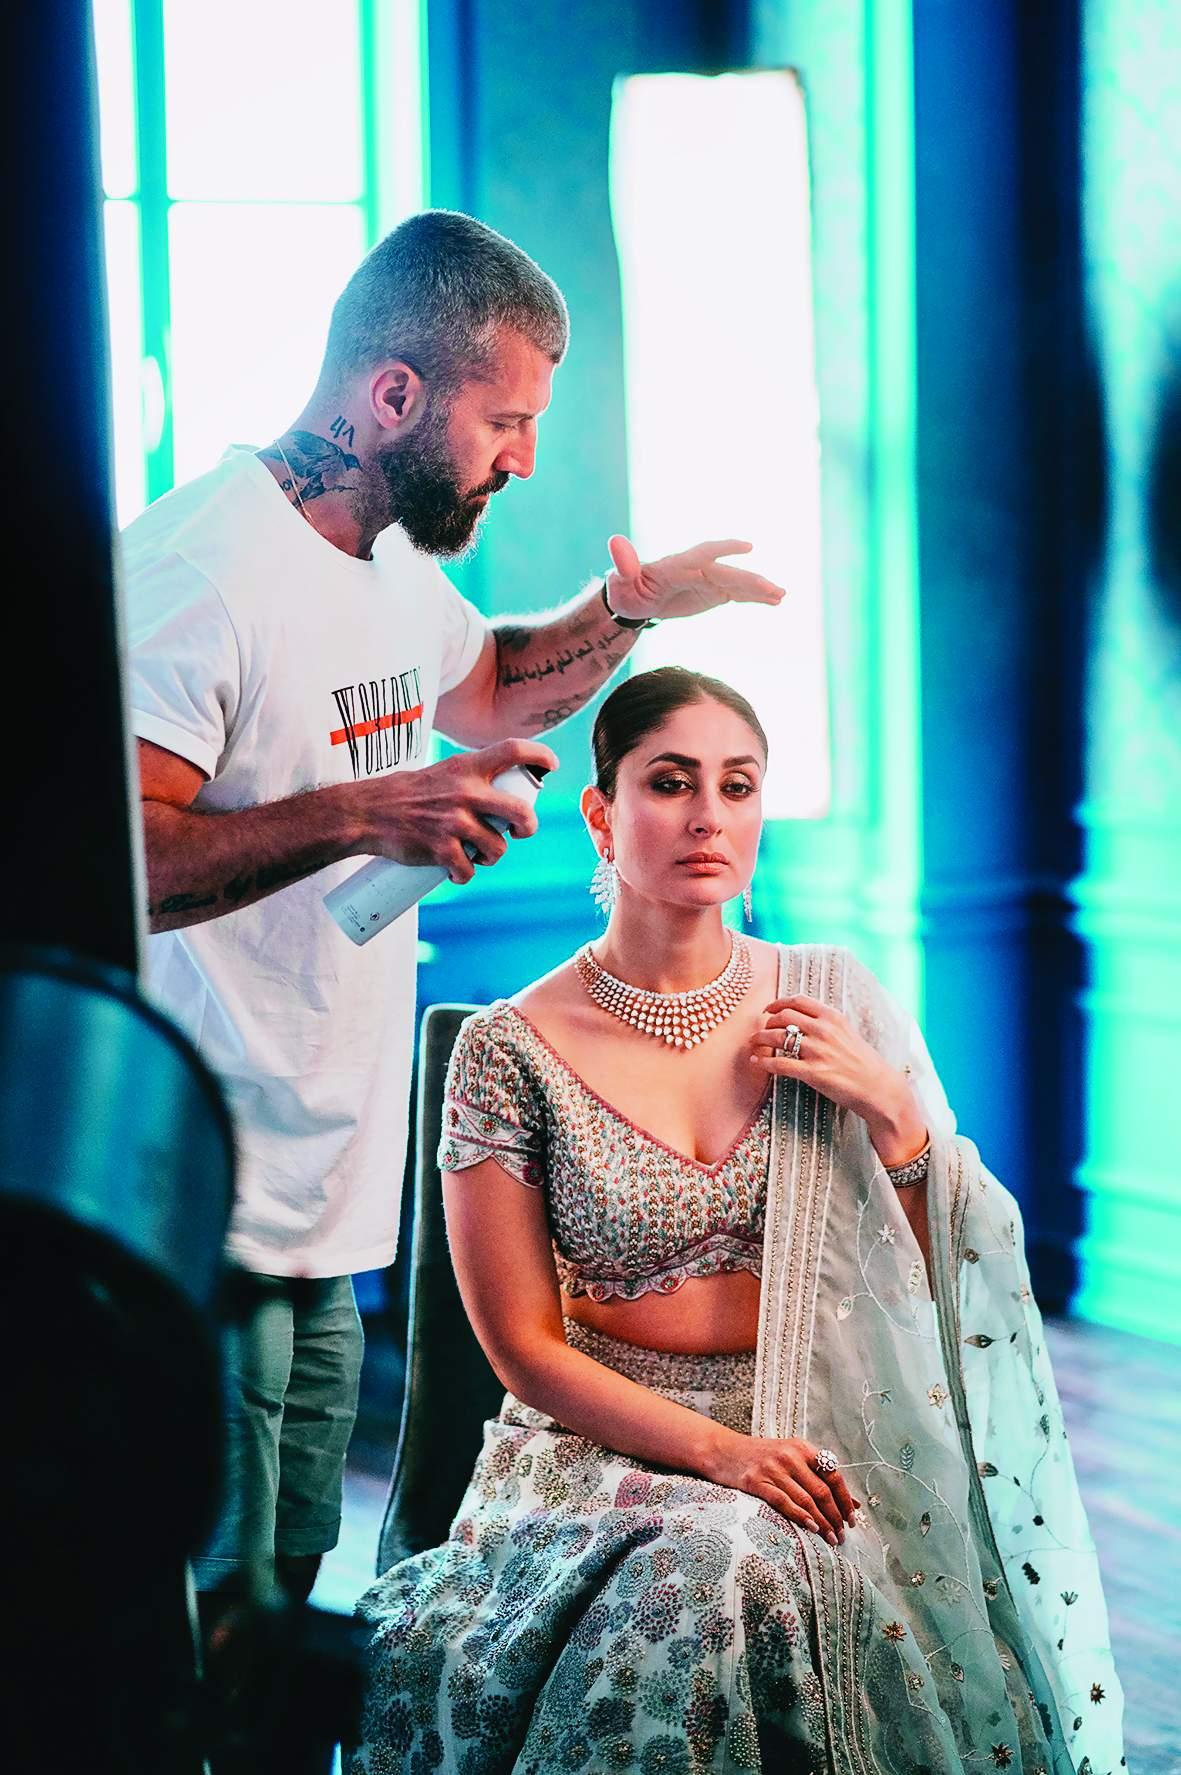 Yianni Tsapatori with Kareena Kapoor